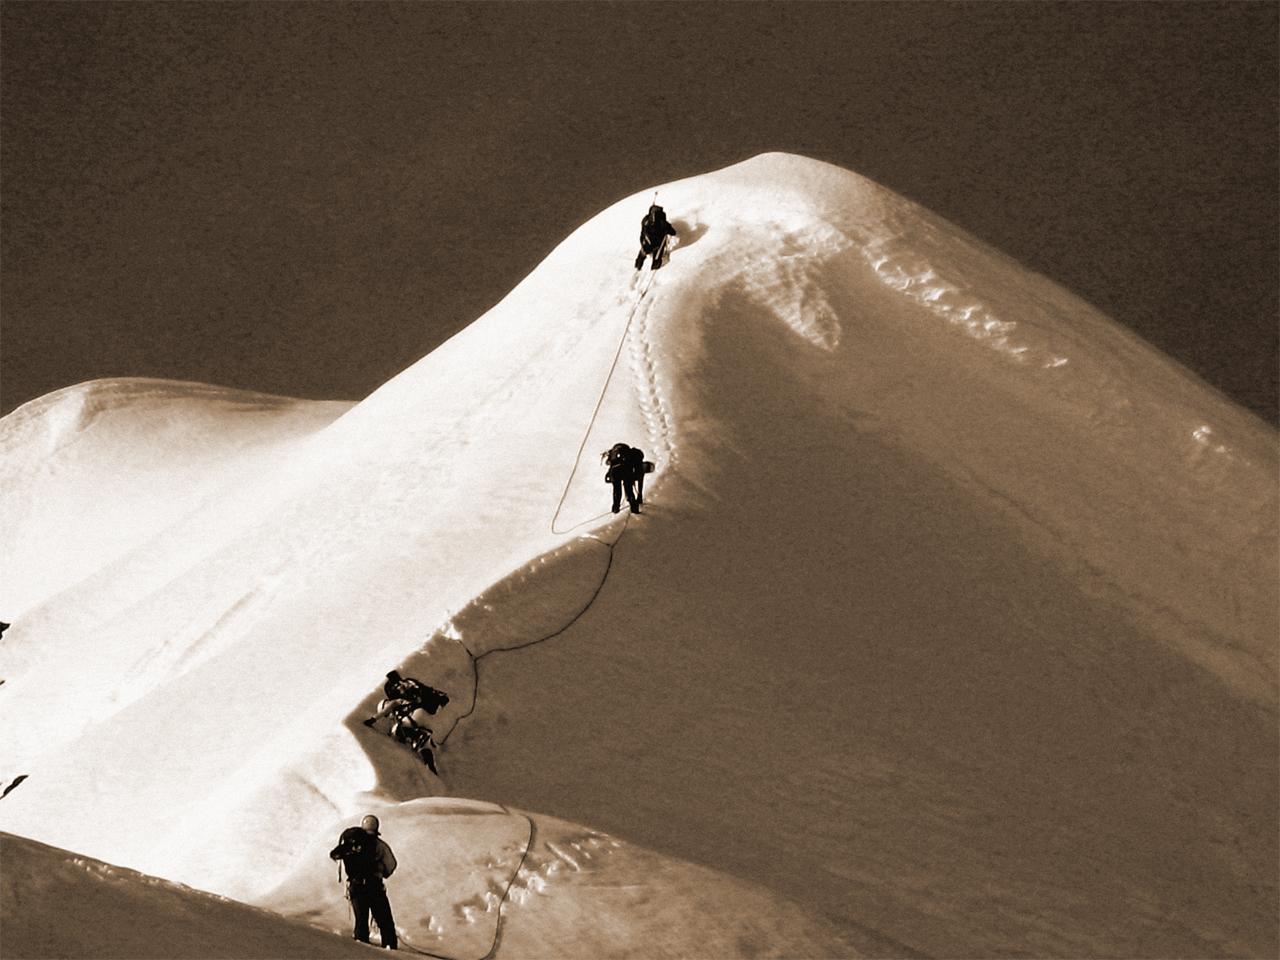 Activiteiten - Alpinisme sneeuwgraad